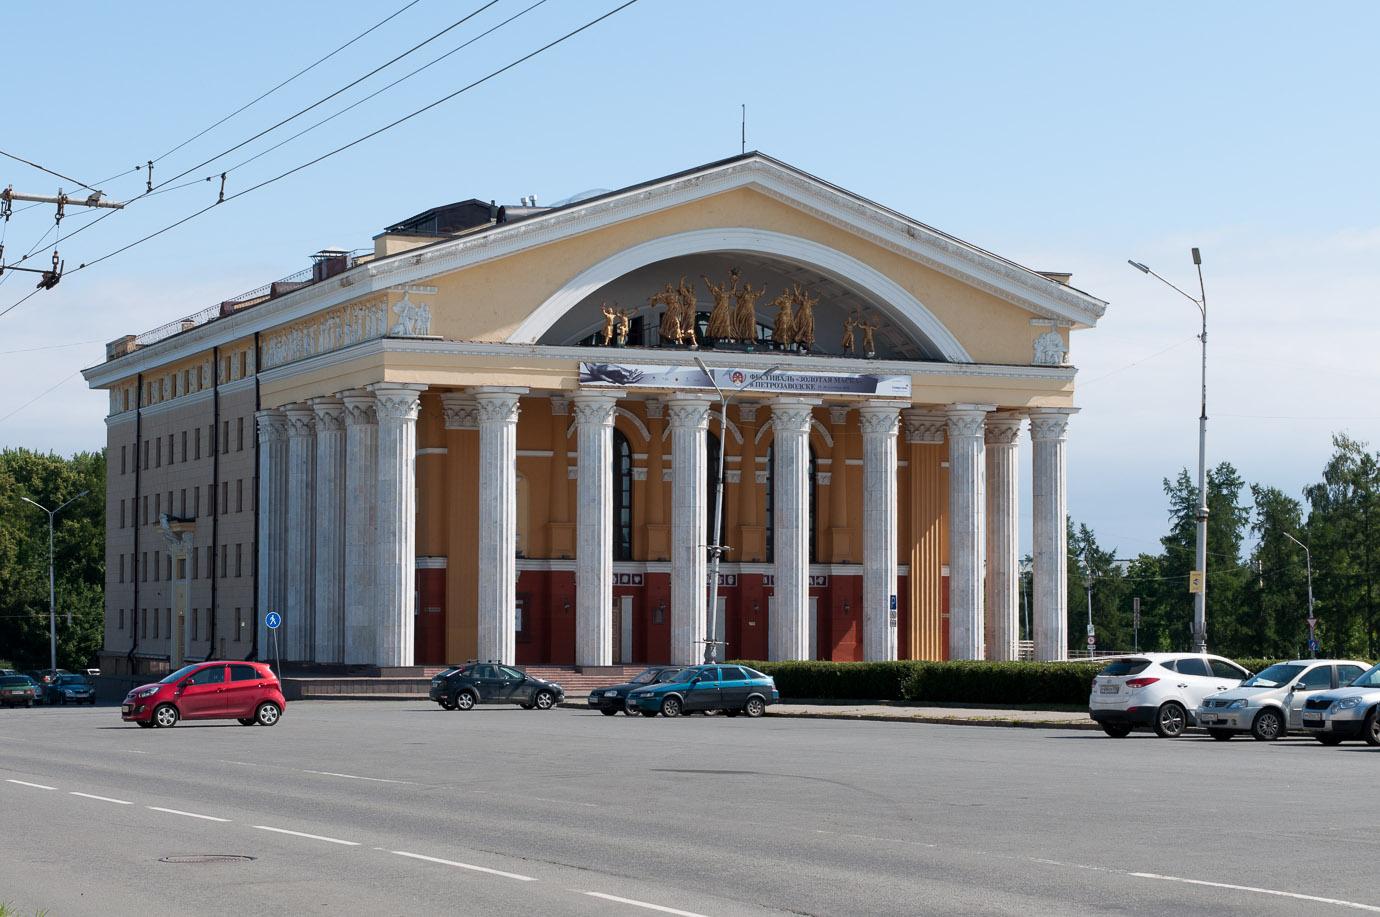 Петрозаводстк, фото, Карелия, куда поехать в России, отдых в России, музыкальный театр республики Карелия